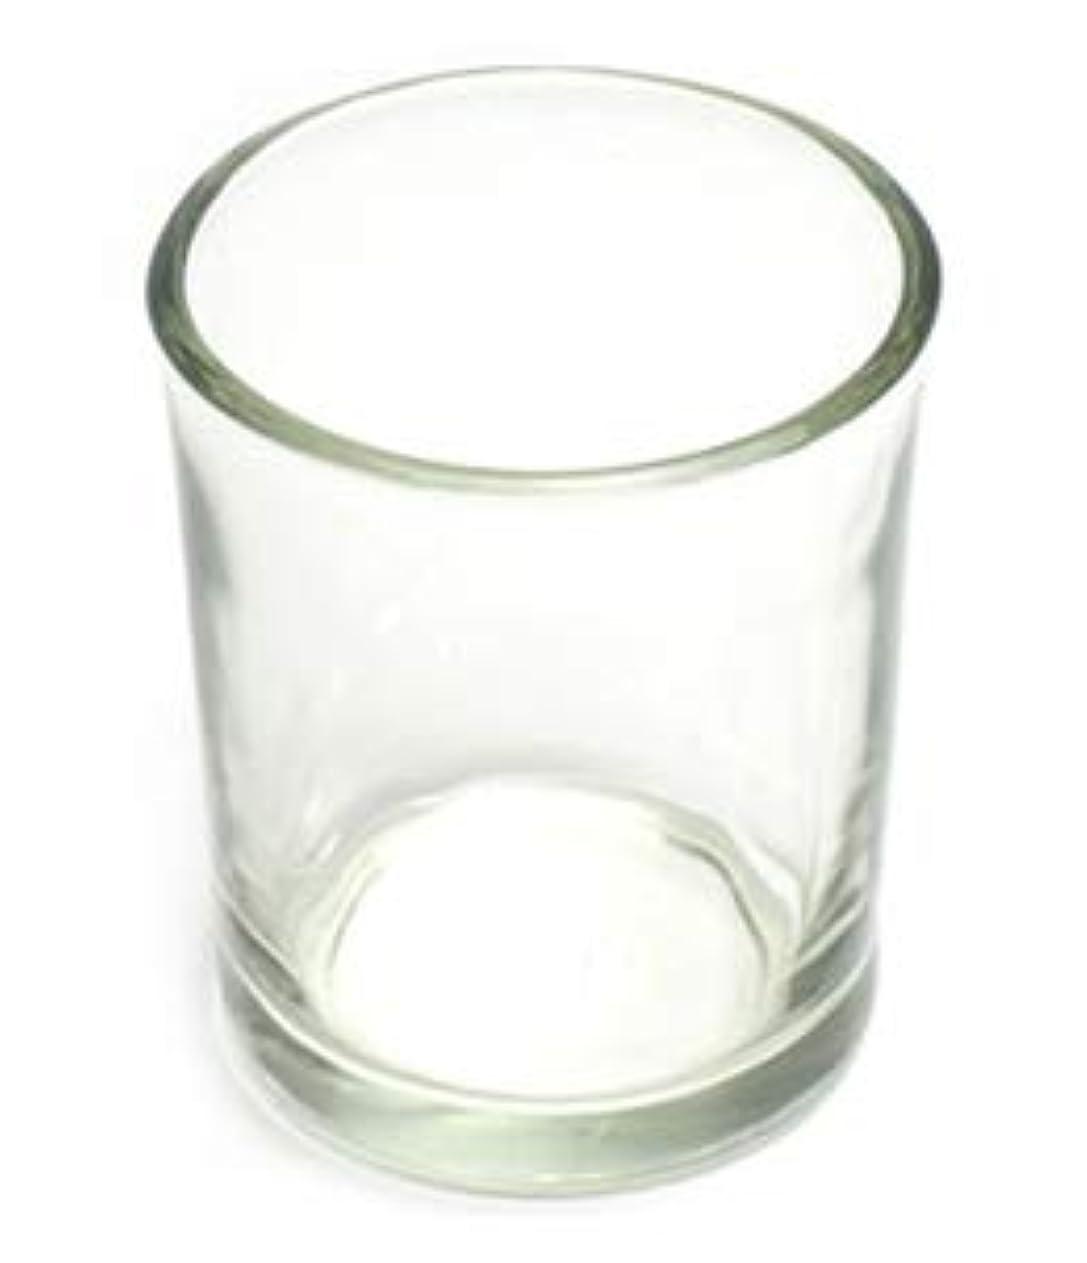 検索誰こしょうキャンドルホルダー ガラス シンプル[小] 192個【キャンドルスタンド 透明 クリア おしゃれ ろうそく立て】